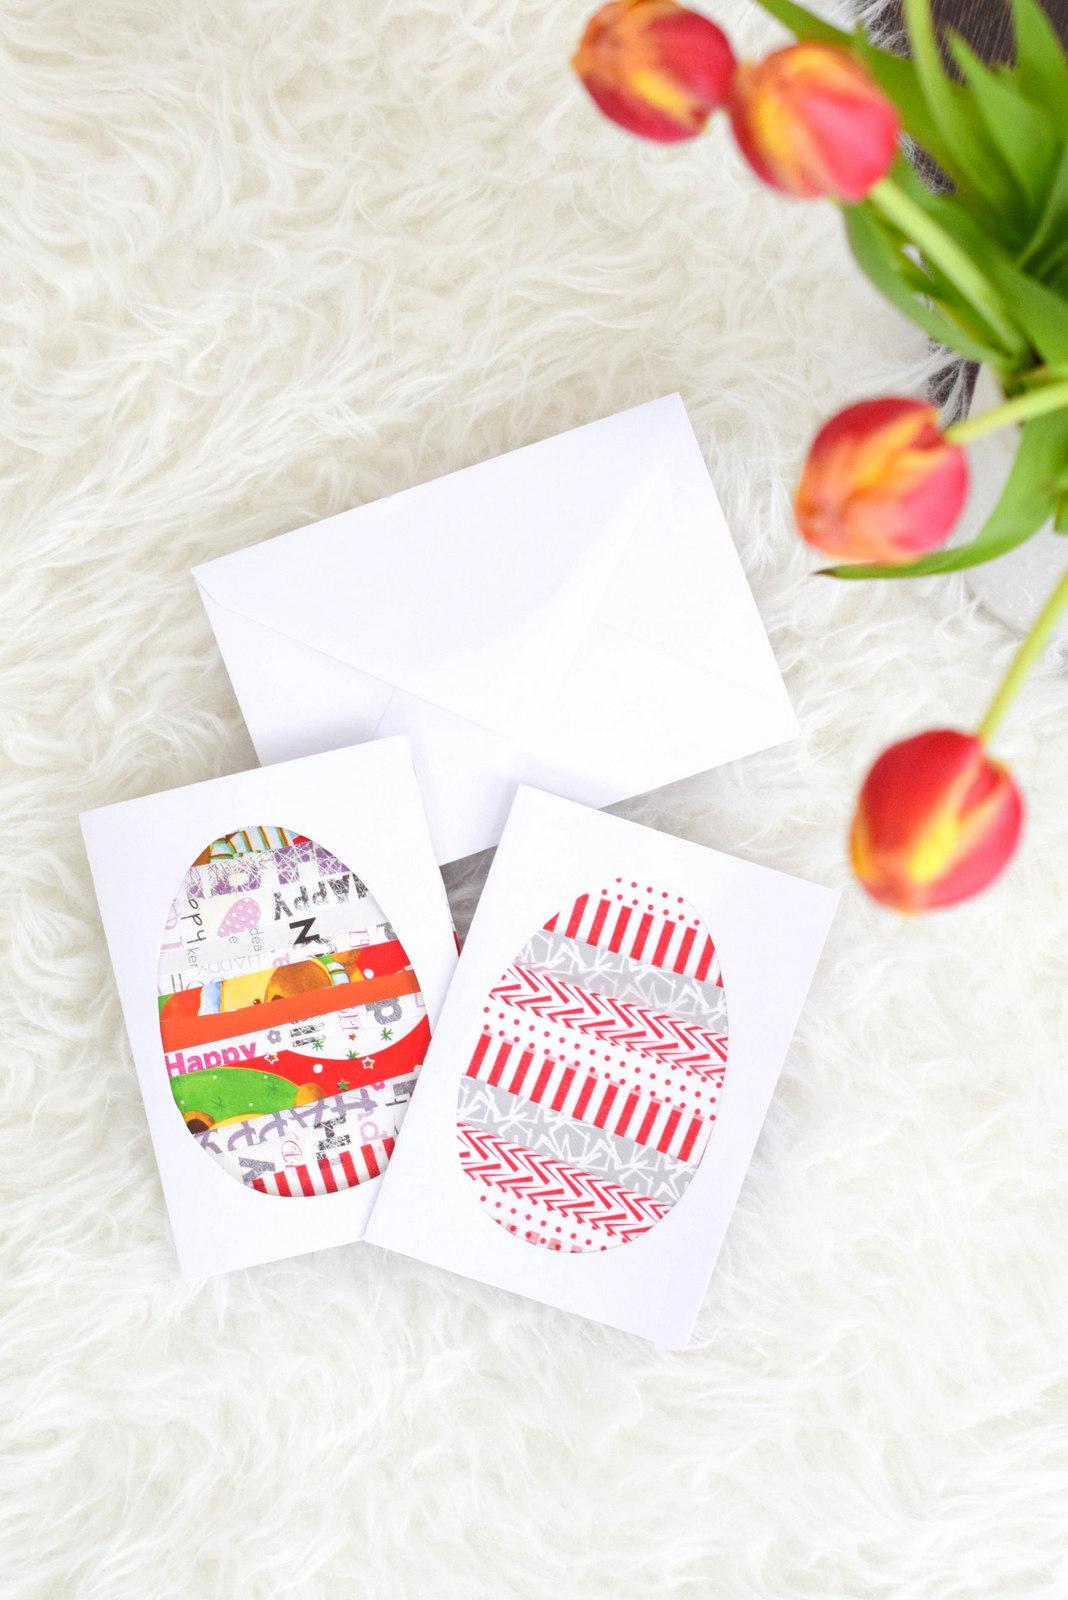 Osterkarten selber machen. Einfache Bastelidee auch für Kinder als Ostergeschenk und Osterdeko.